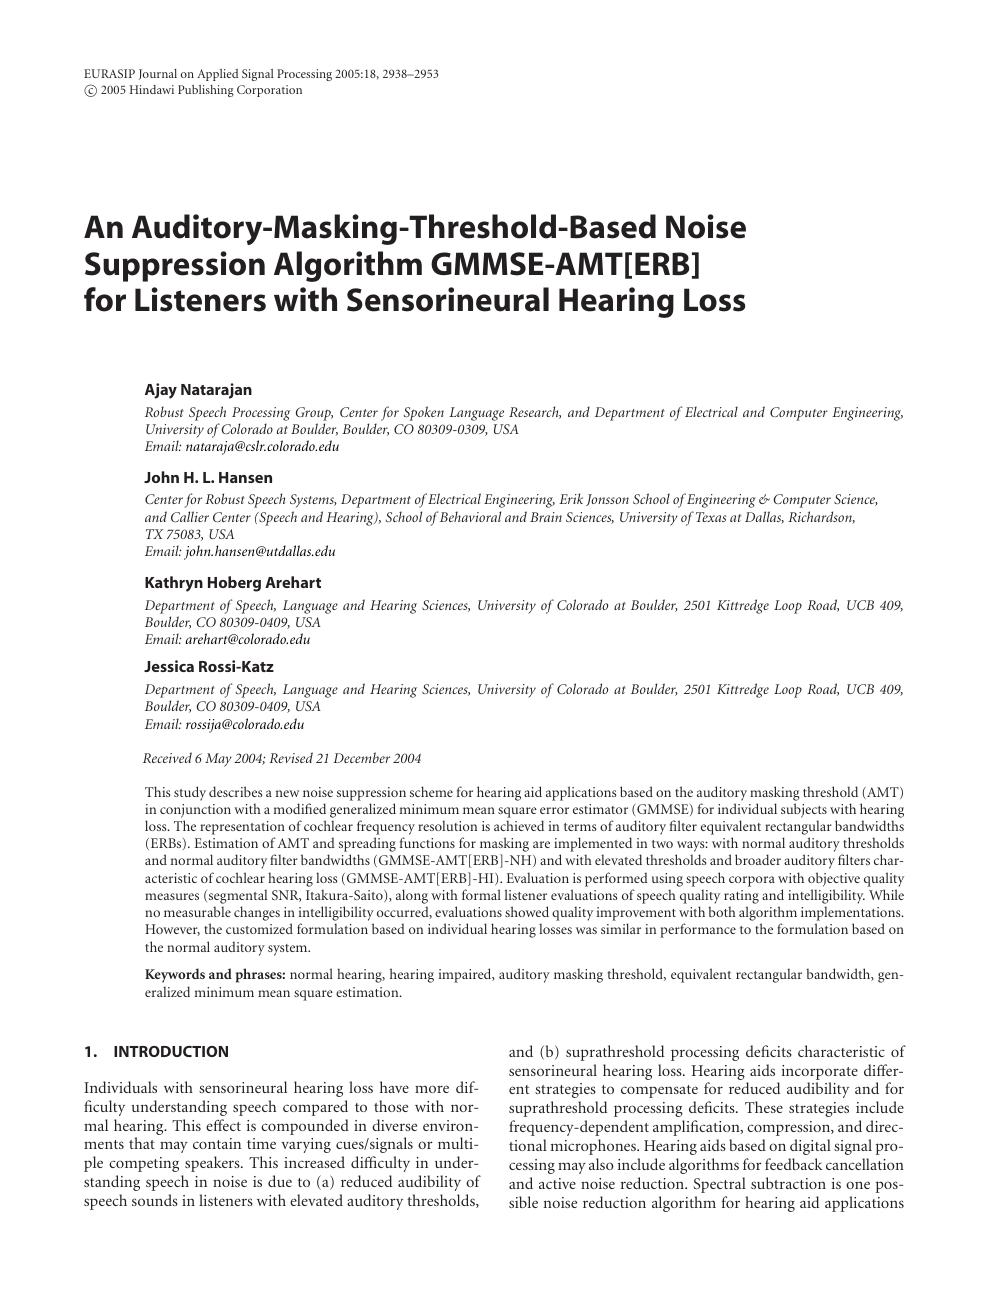 An Auditory-Masking-Threshold-Based Noise Suppression